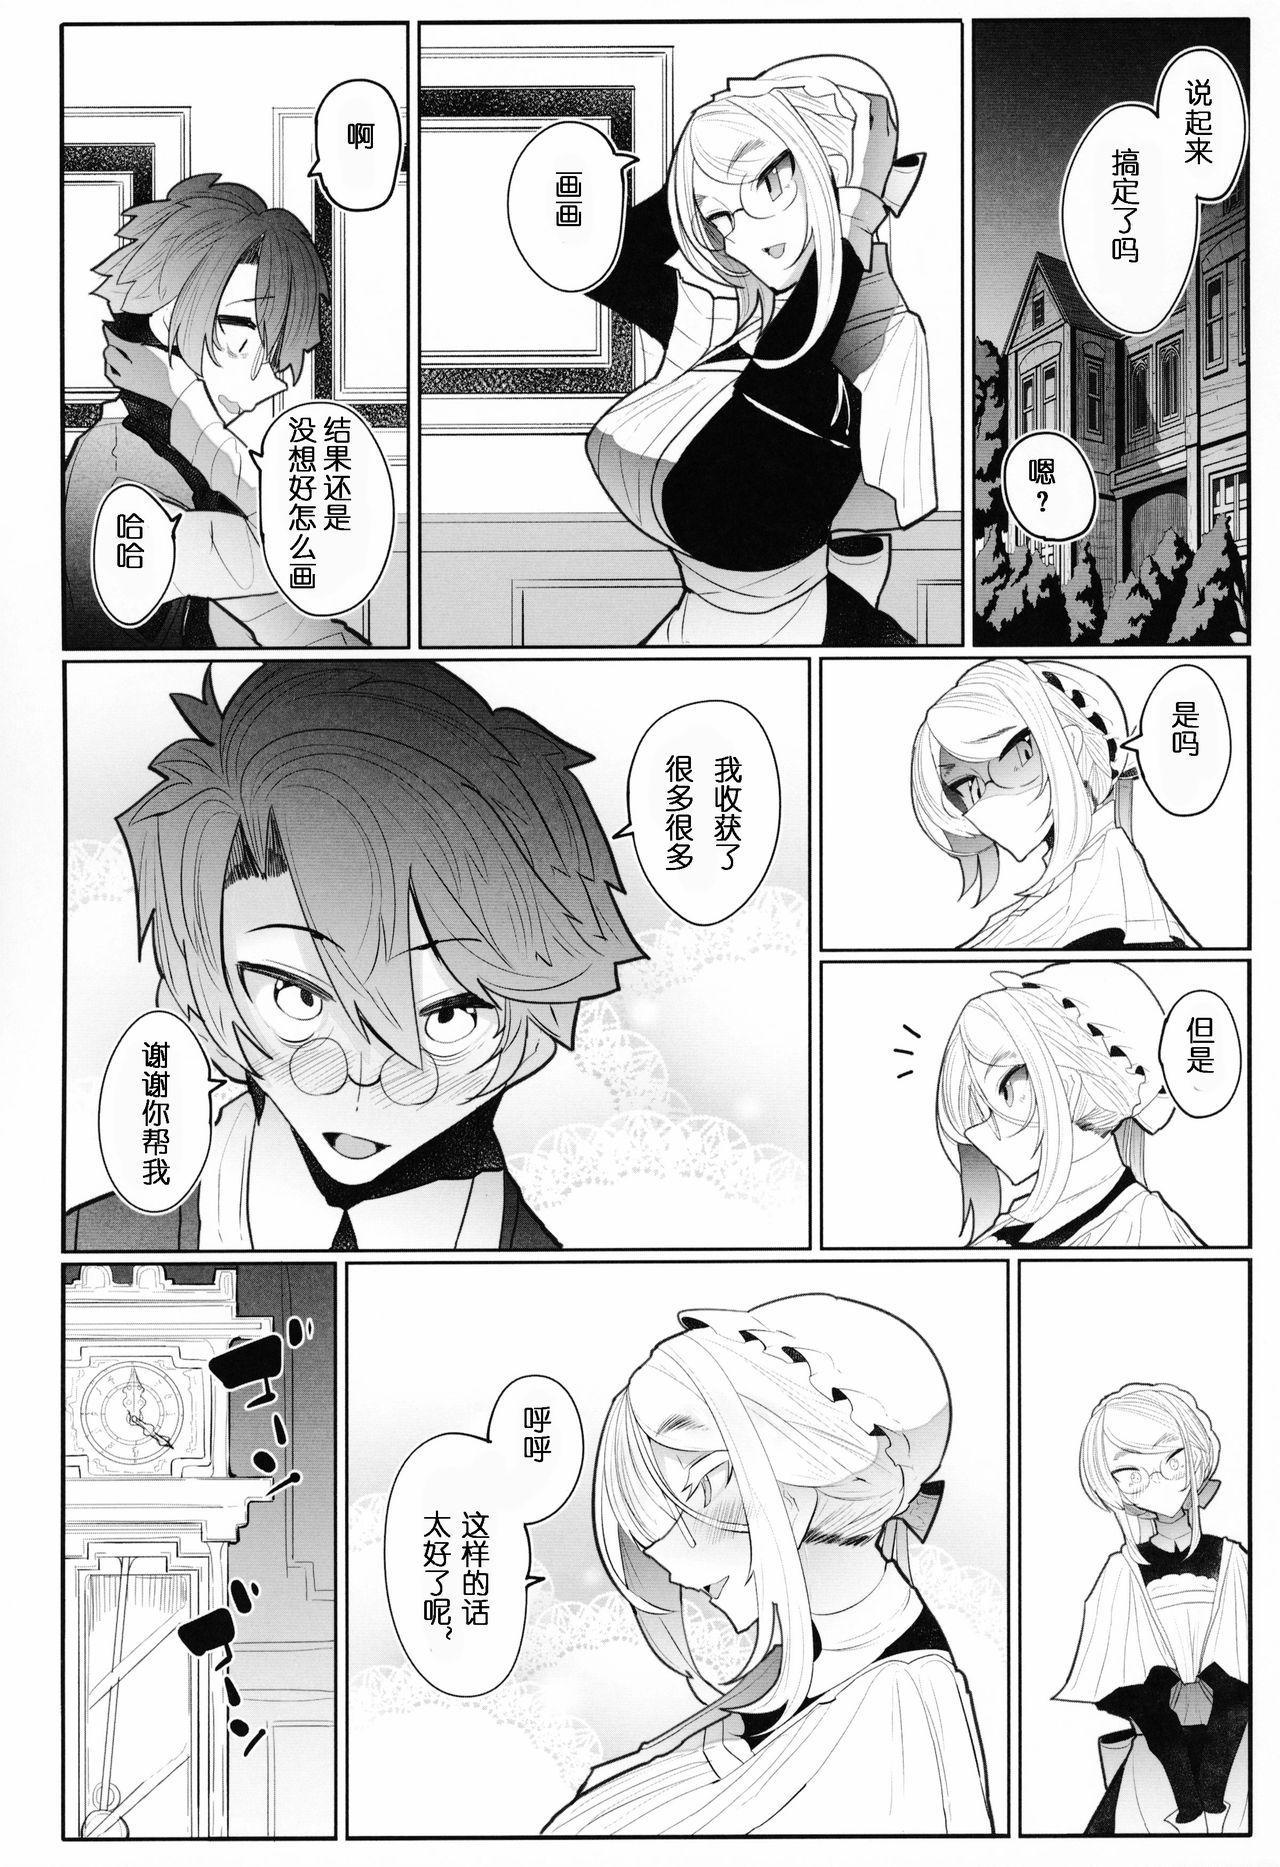 Shinshi Tsuki Maid no Sophie-san 3 52